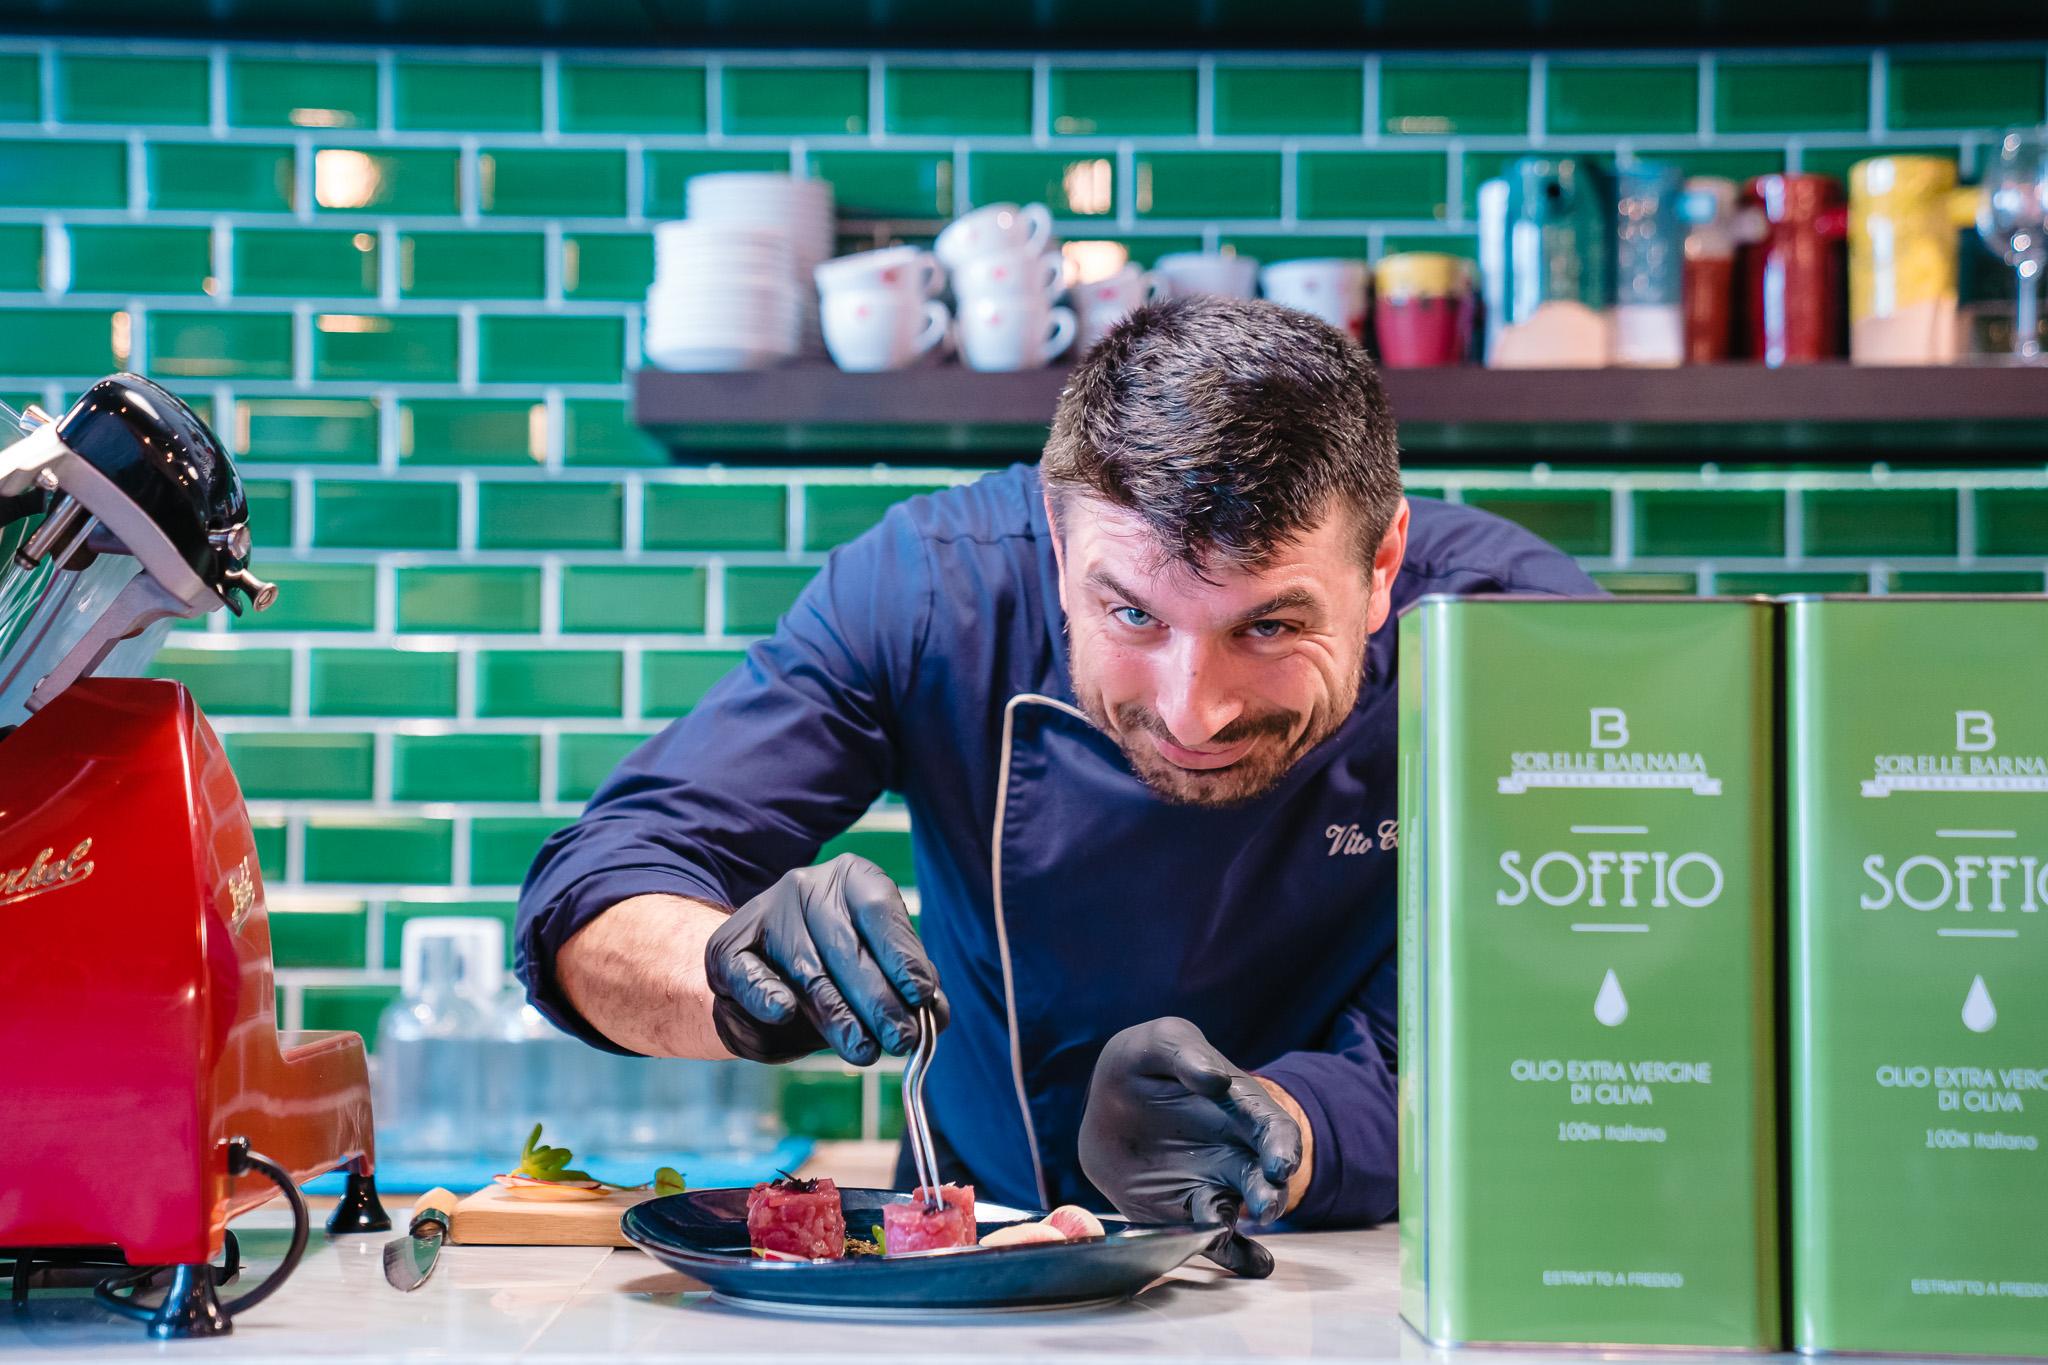 Resto Vito Chef Vito Centomani